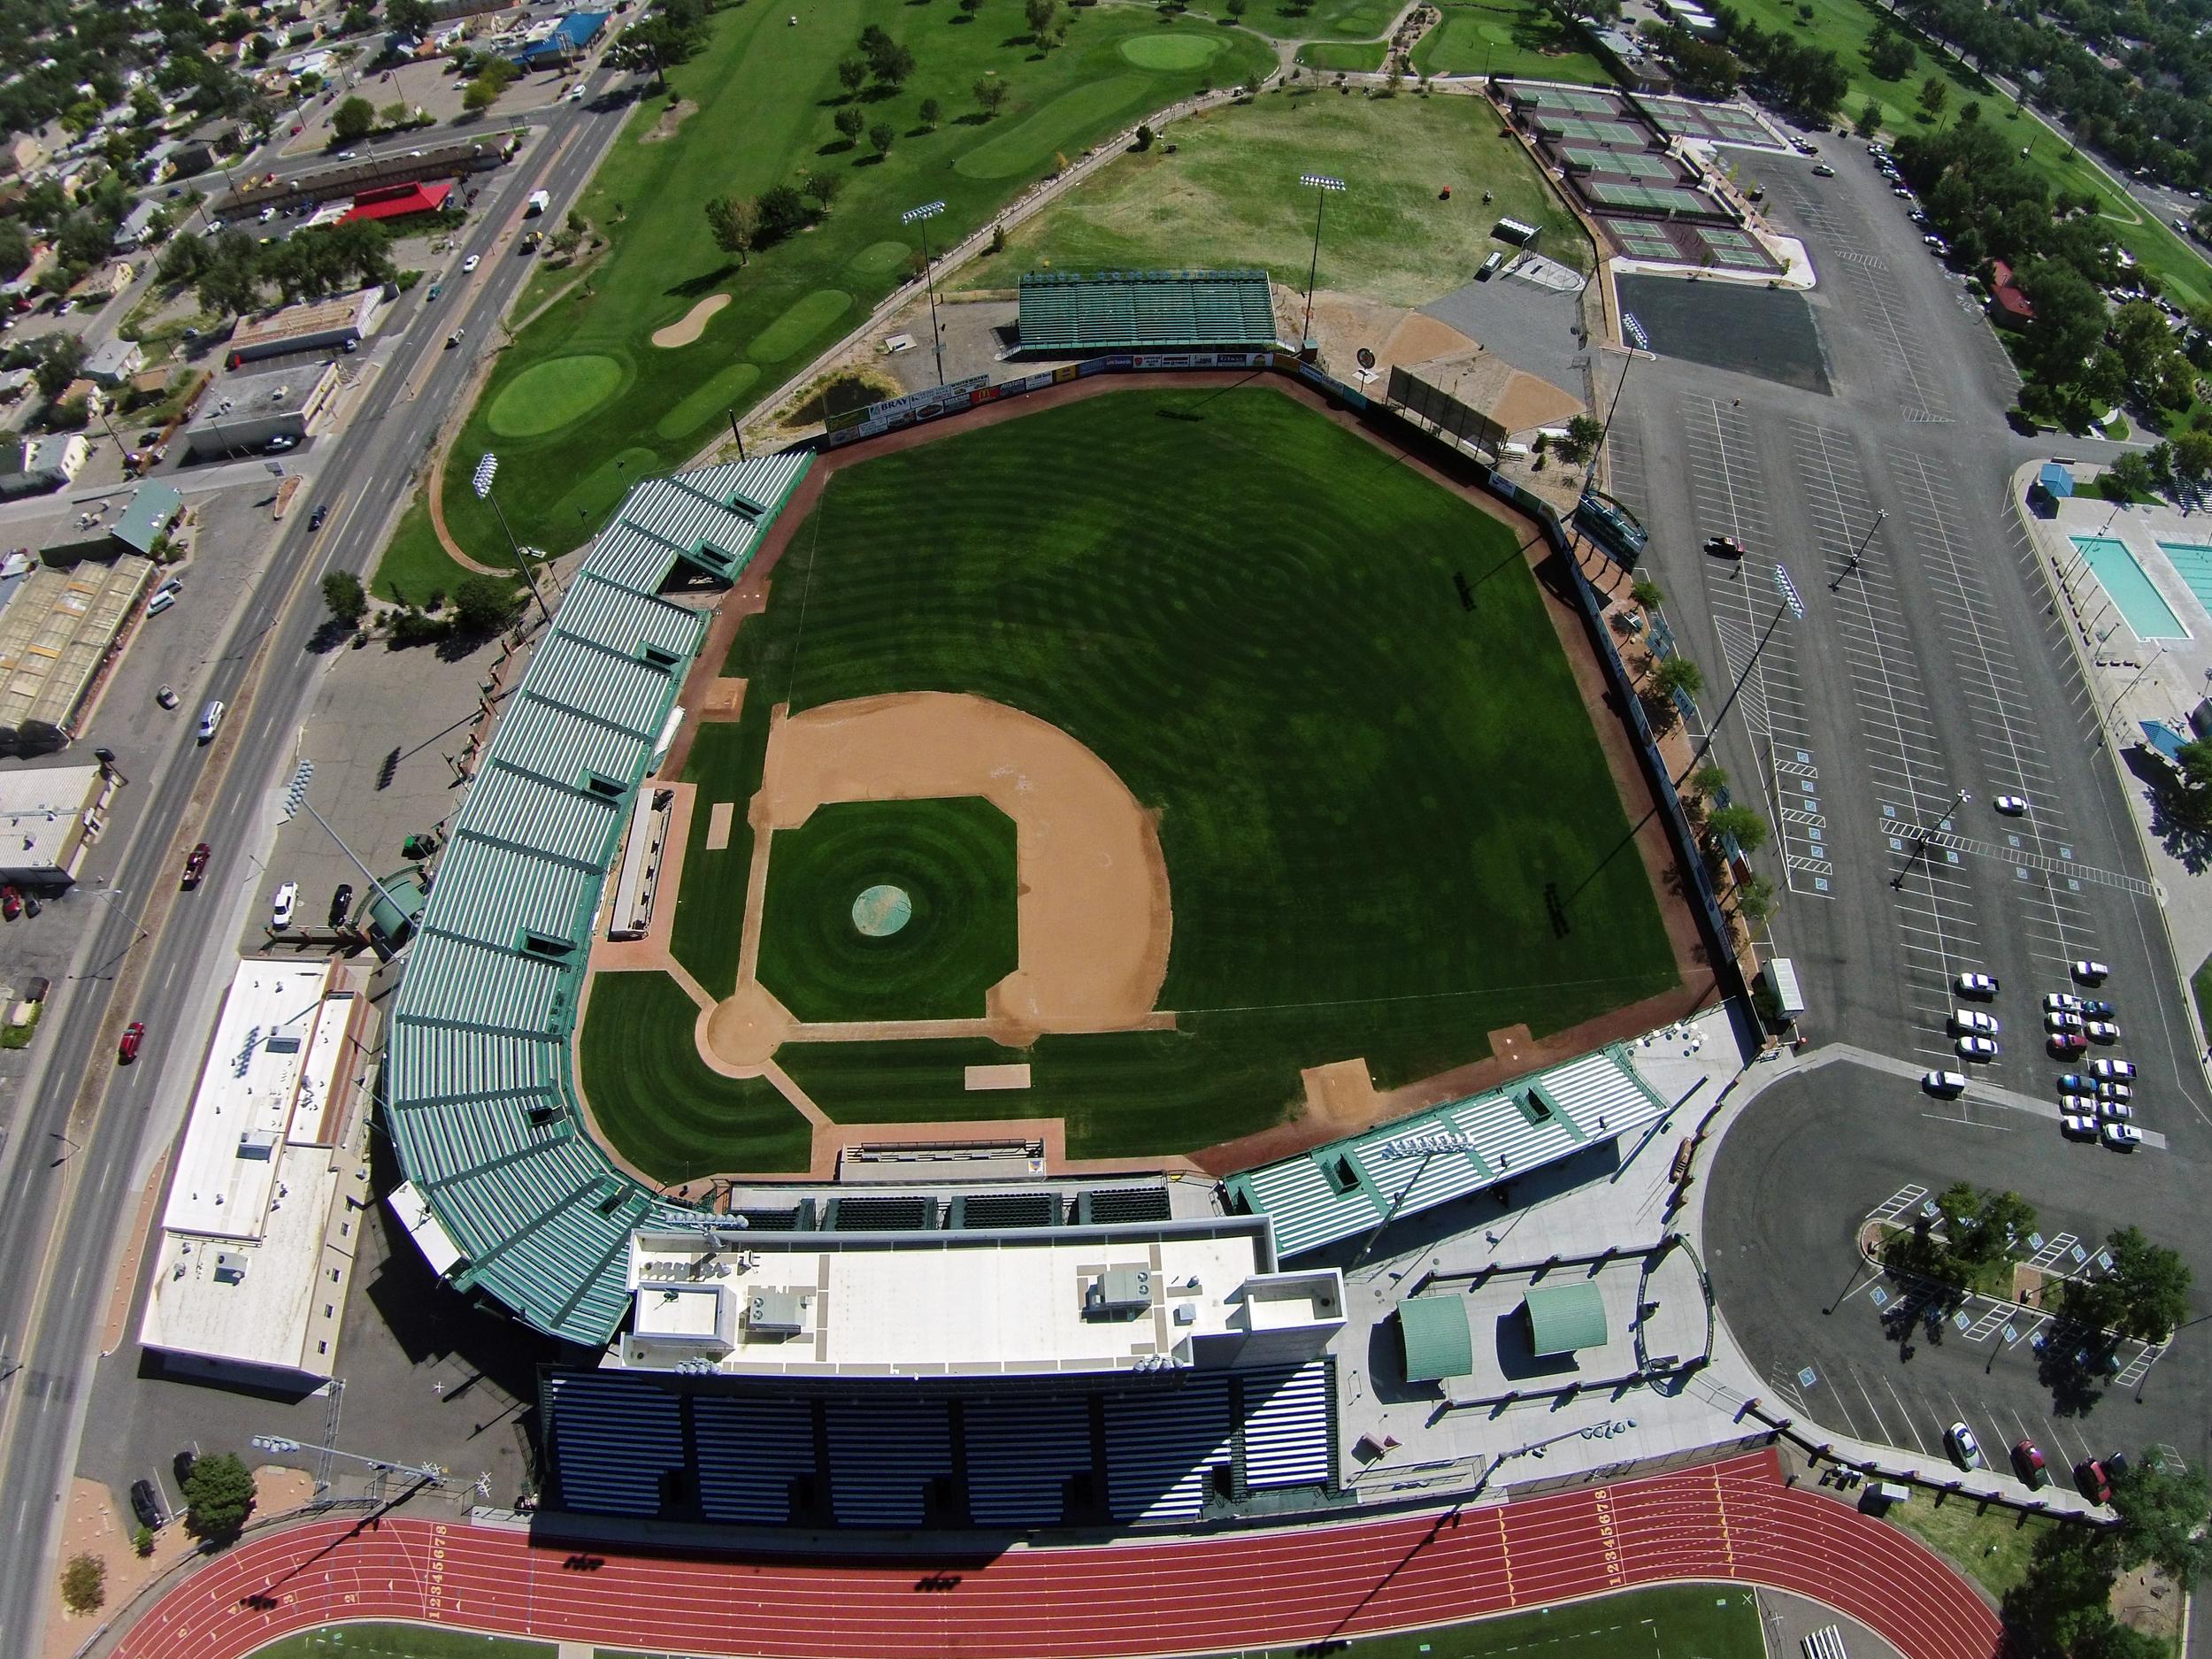 stadium_edited-1.jpg